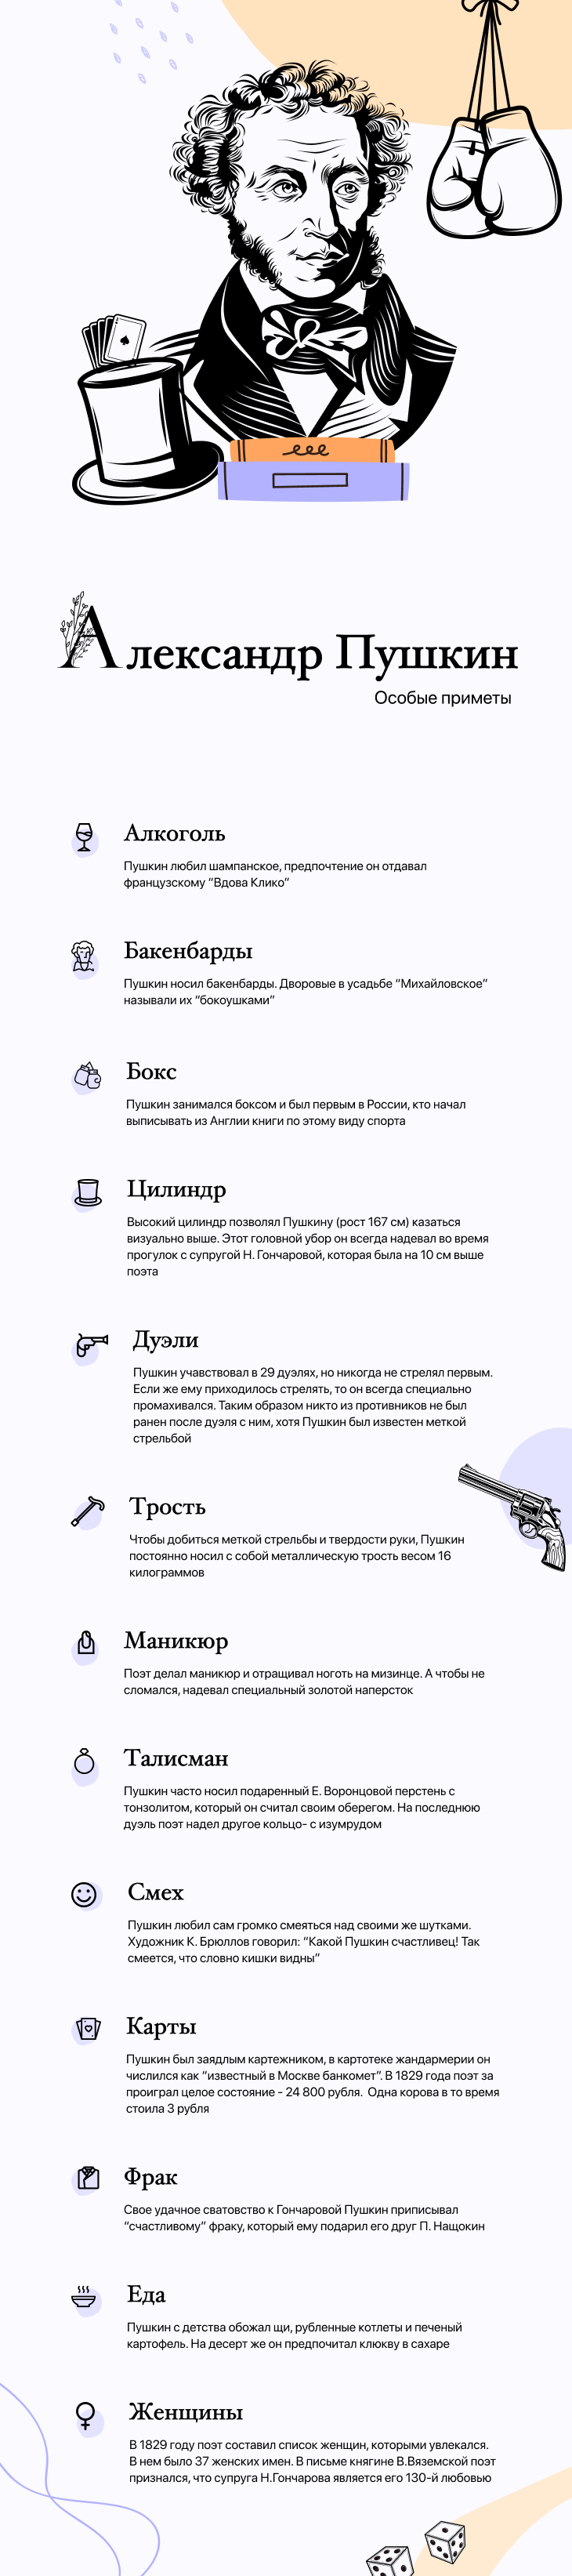 Инфографика - поэт Александр Сергеевич Пушкин.